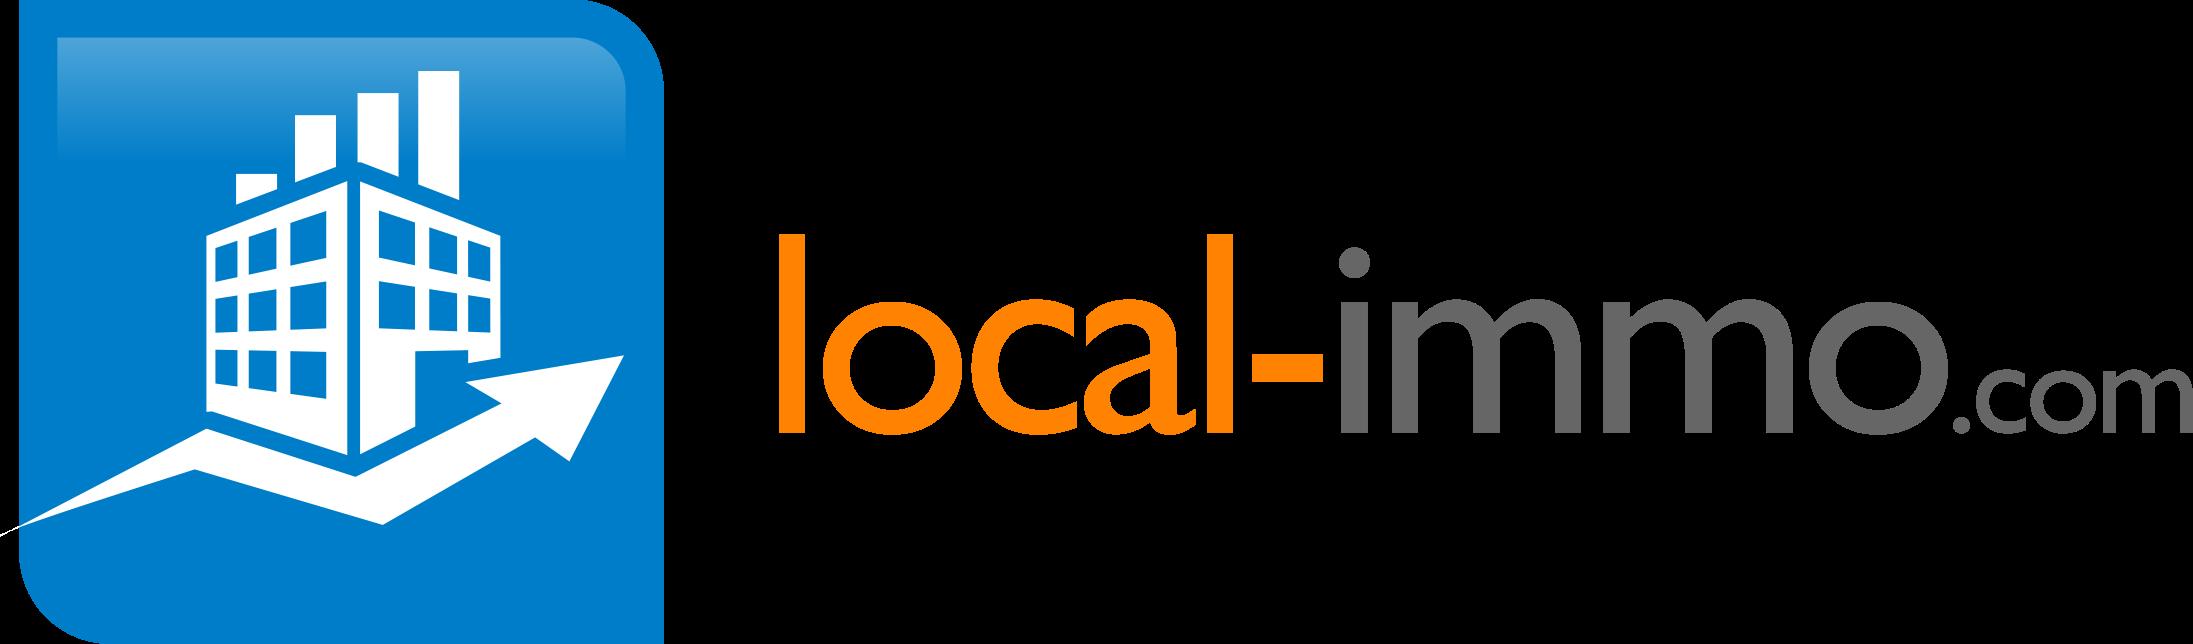 Local-Immo.com